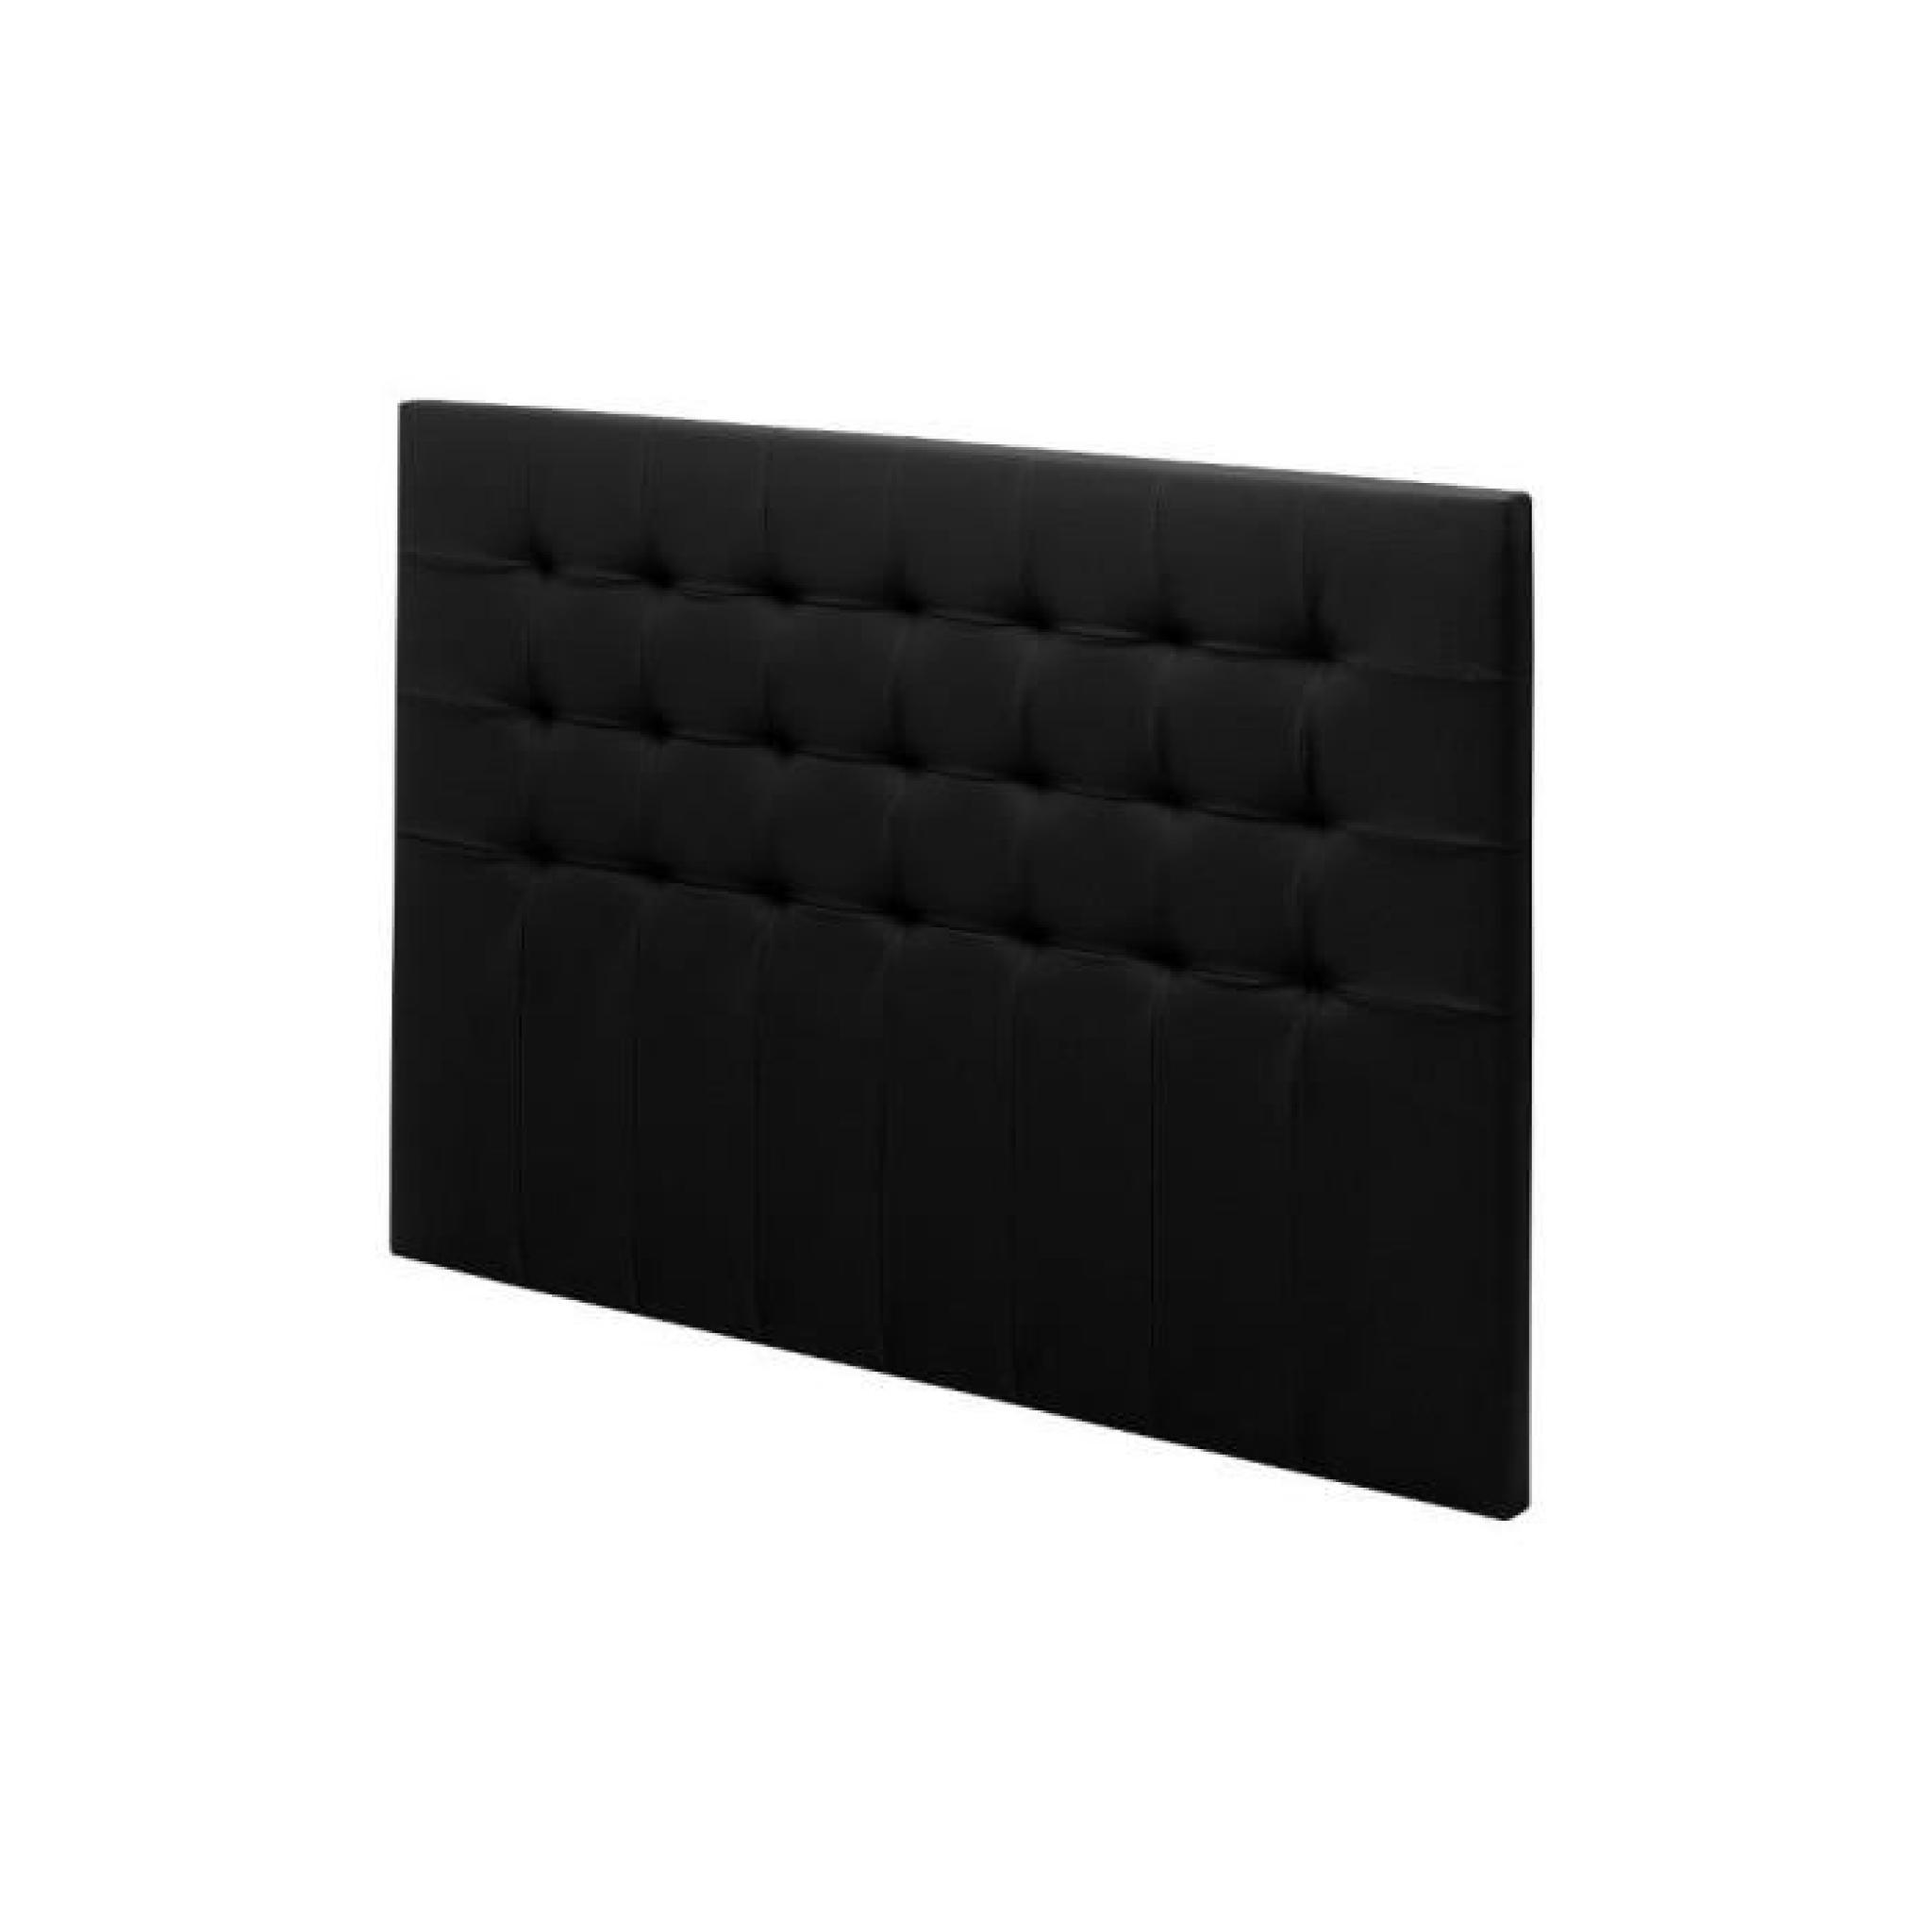 t te de lit cuir charme 190 noir achat vente tete de lit pas cher couleur et. Black Bedroom Furniture Sets. Home Design Ideas